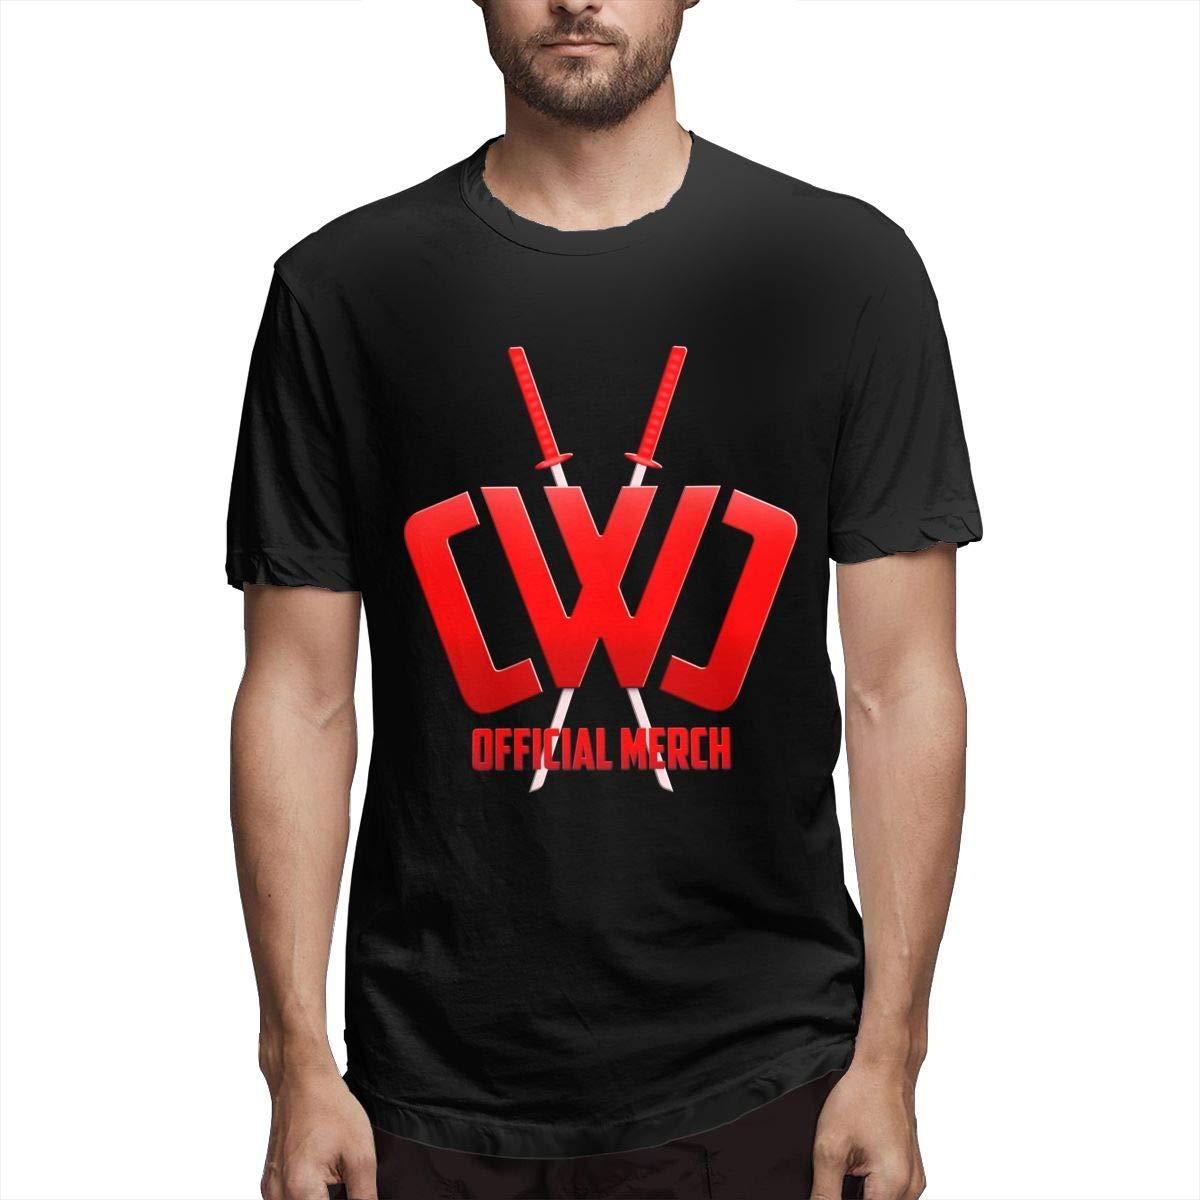 Amazon.com: NOJFPAF Mens CWC Chad Wild Clay Ninja Short ...